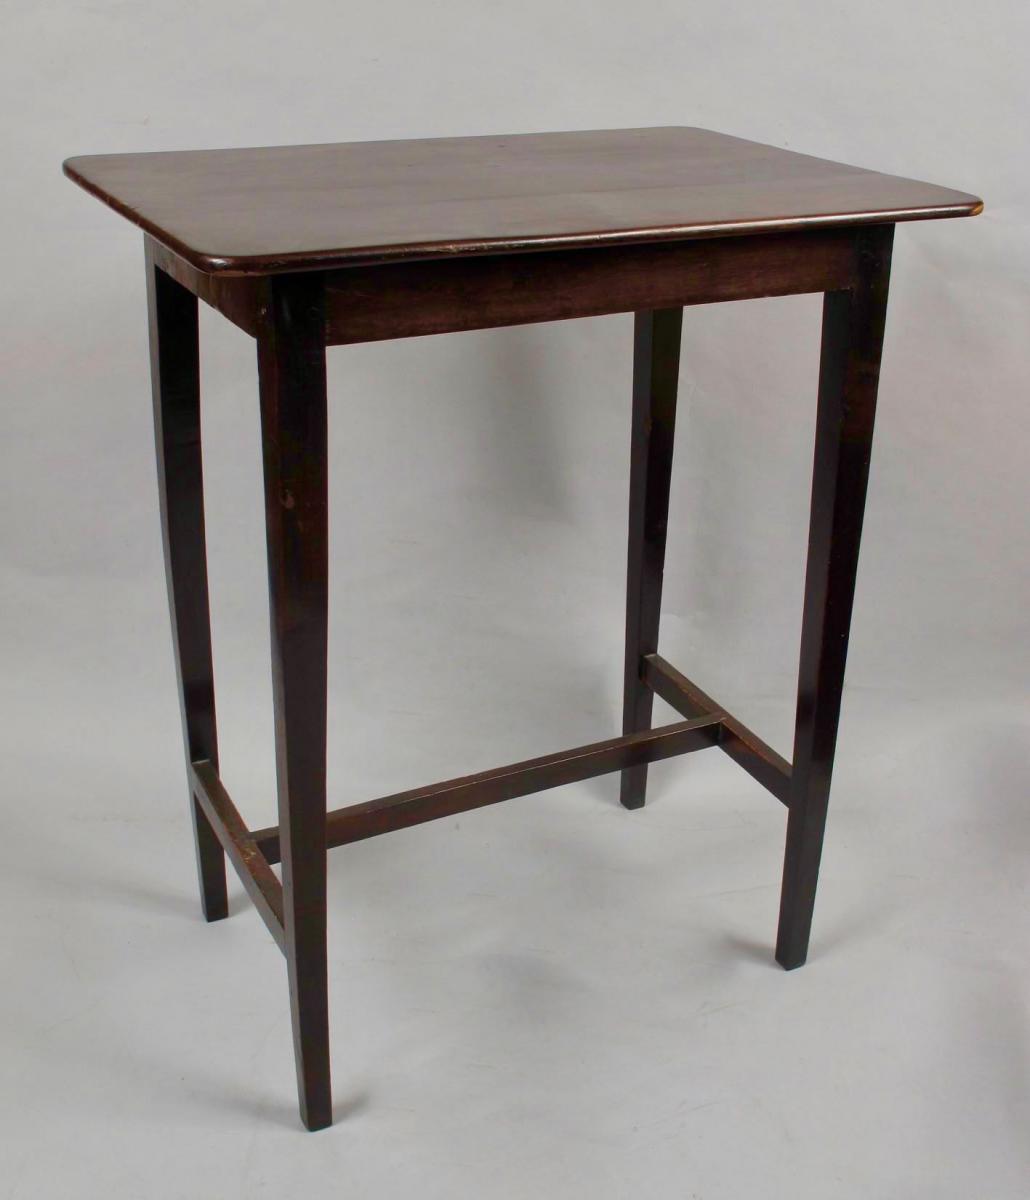 Magnifique Table En Bois d'If Très Élégant Dans Le Shaker Style C.1900